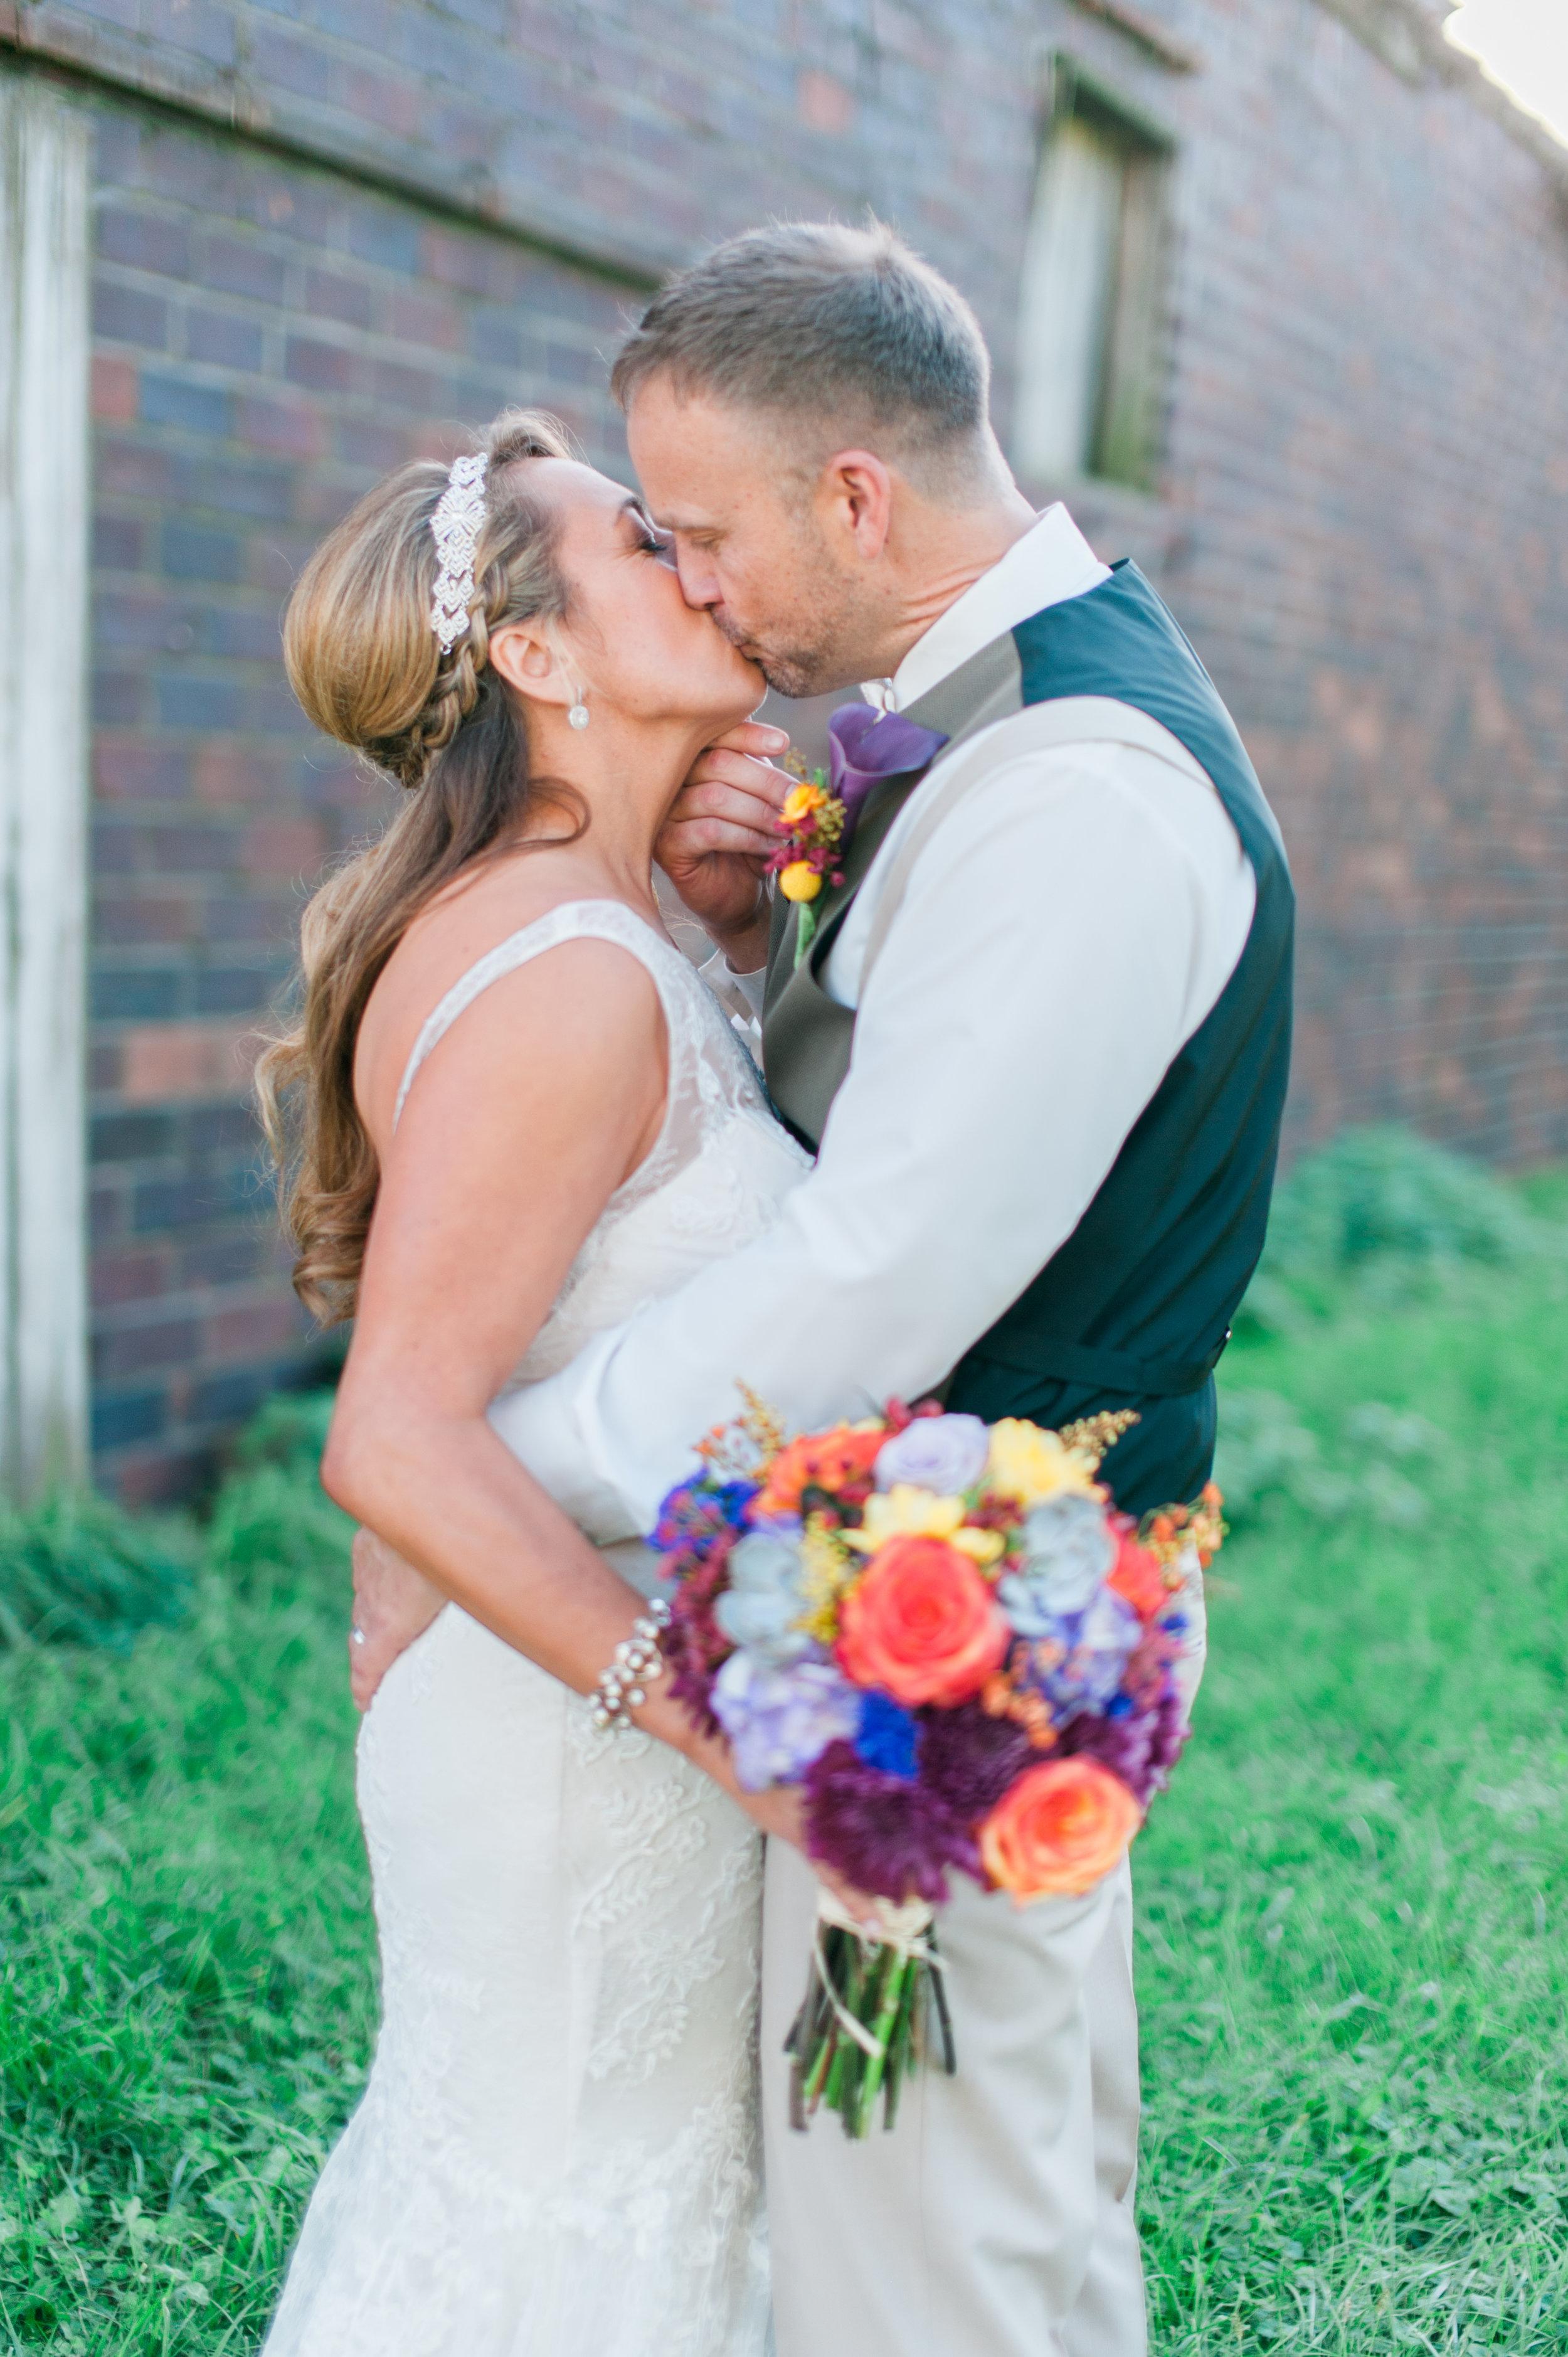 Omaha weddings